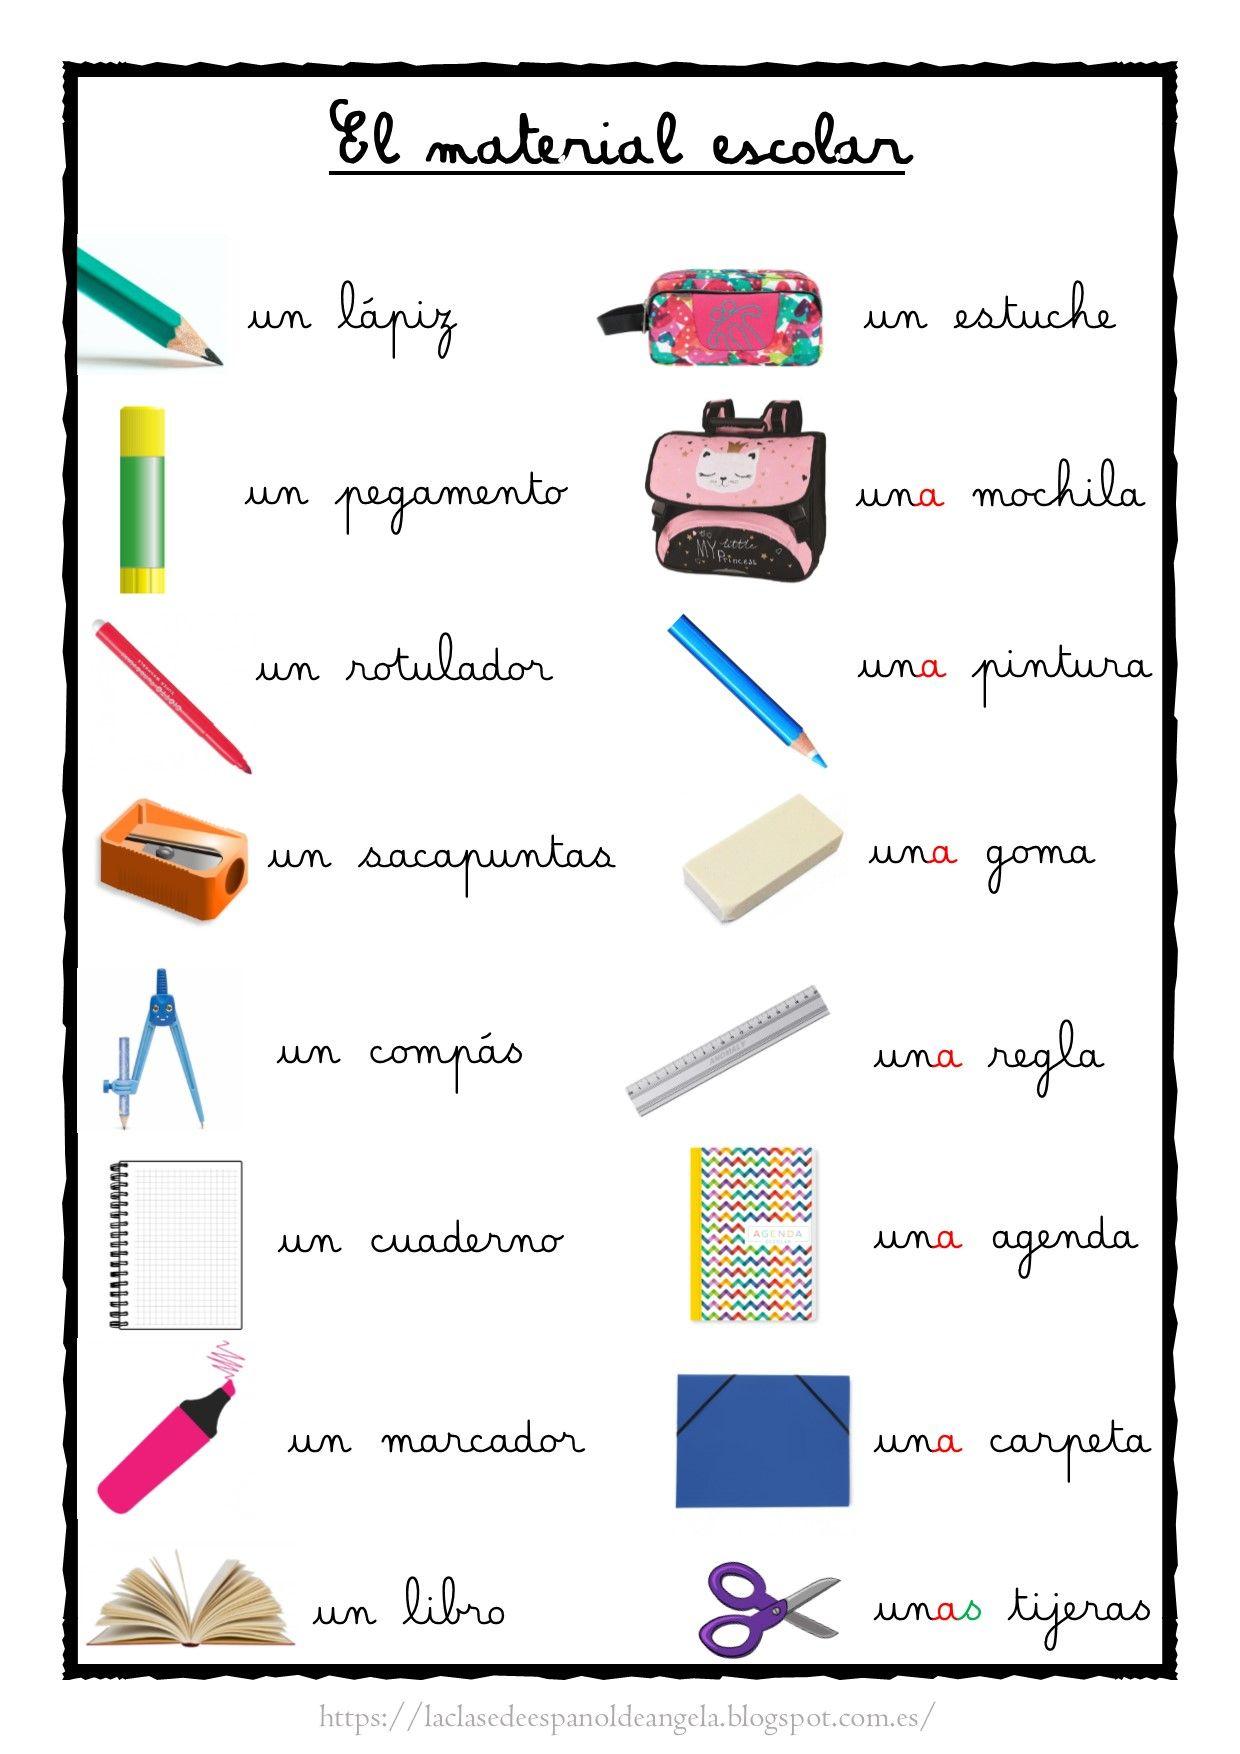 Cartel De Aula Con El Vocabulario Del Material Escolar